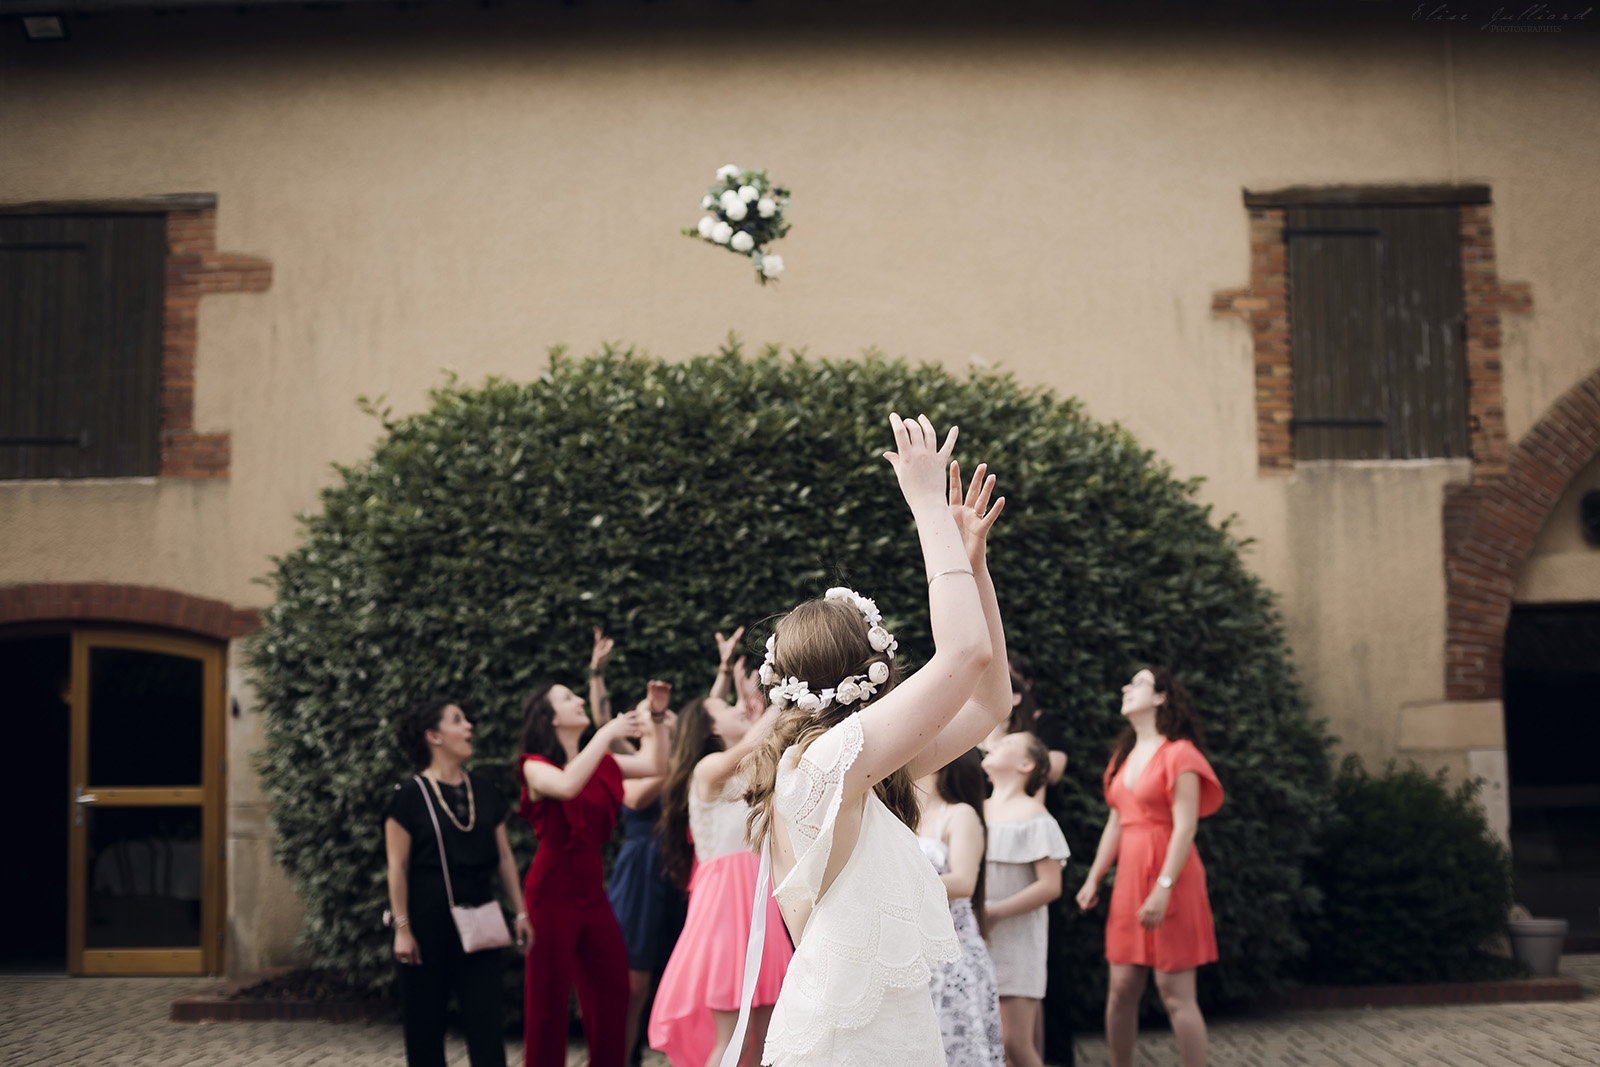 mariage-wedding-photographe-photographer-reportage-seance-photo-couple-amoureux-amour-famille-domaine-du-petit-chambard-auvergne-rhone-alpes-ain-lyon-bourg-en-bresse-vintage-4